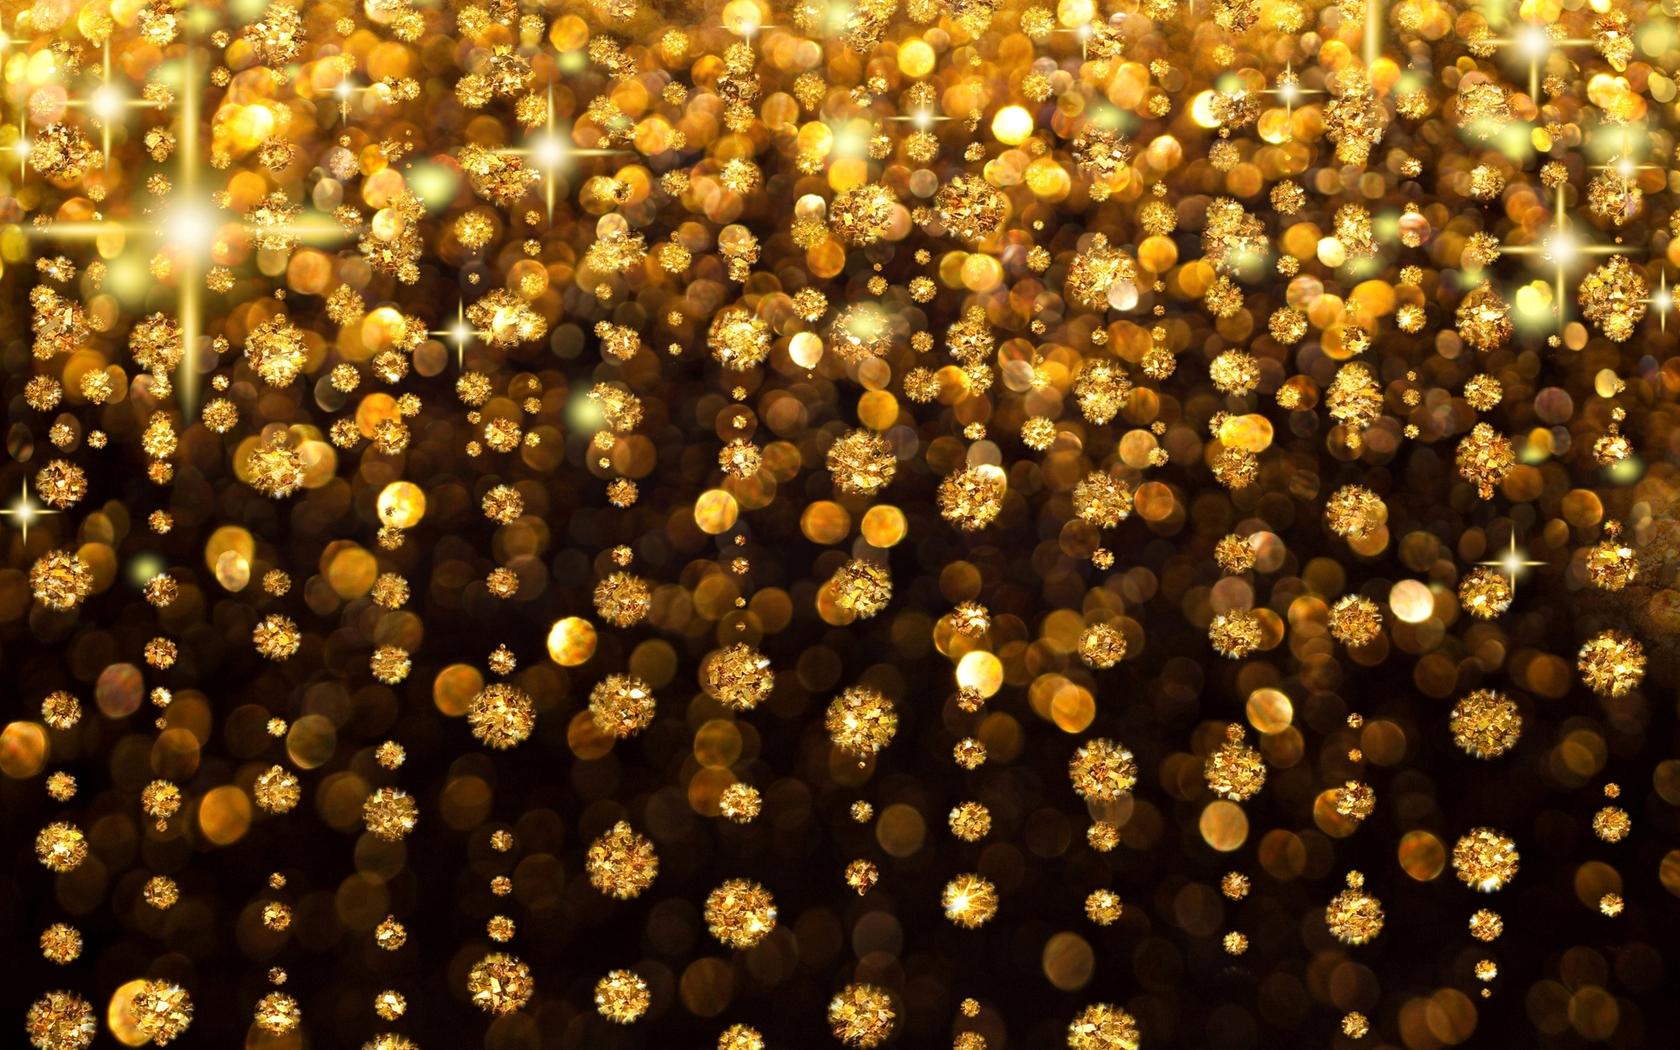 wallpaper Yellow Glitter Desktop Backgrounds hd wallpaper background 1680x1050